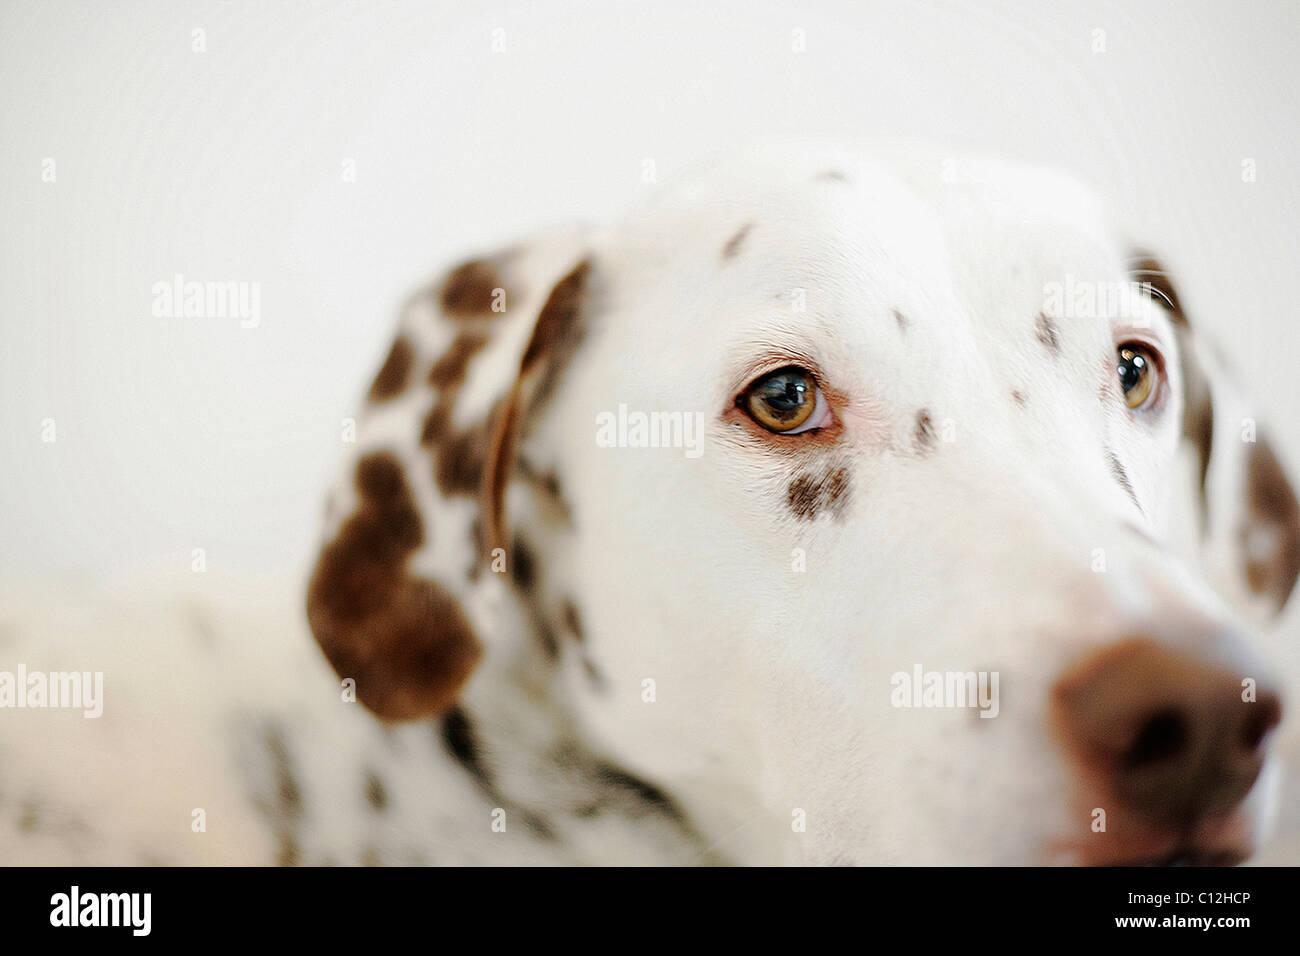 Un foie dalmatien tachetés se penche sur l'objectif de l'appareil. Photo Stock